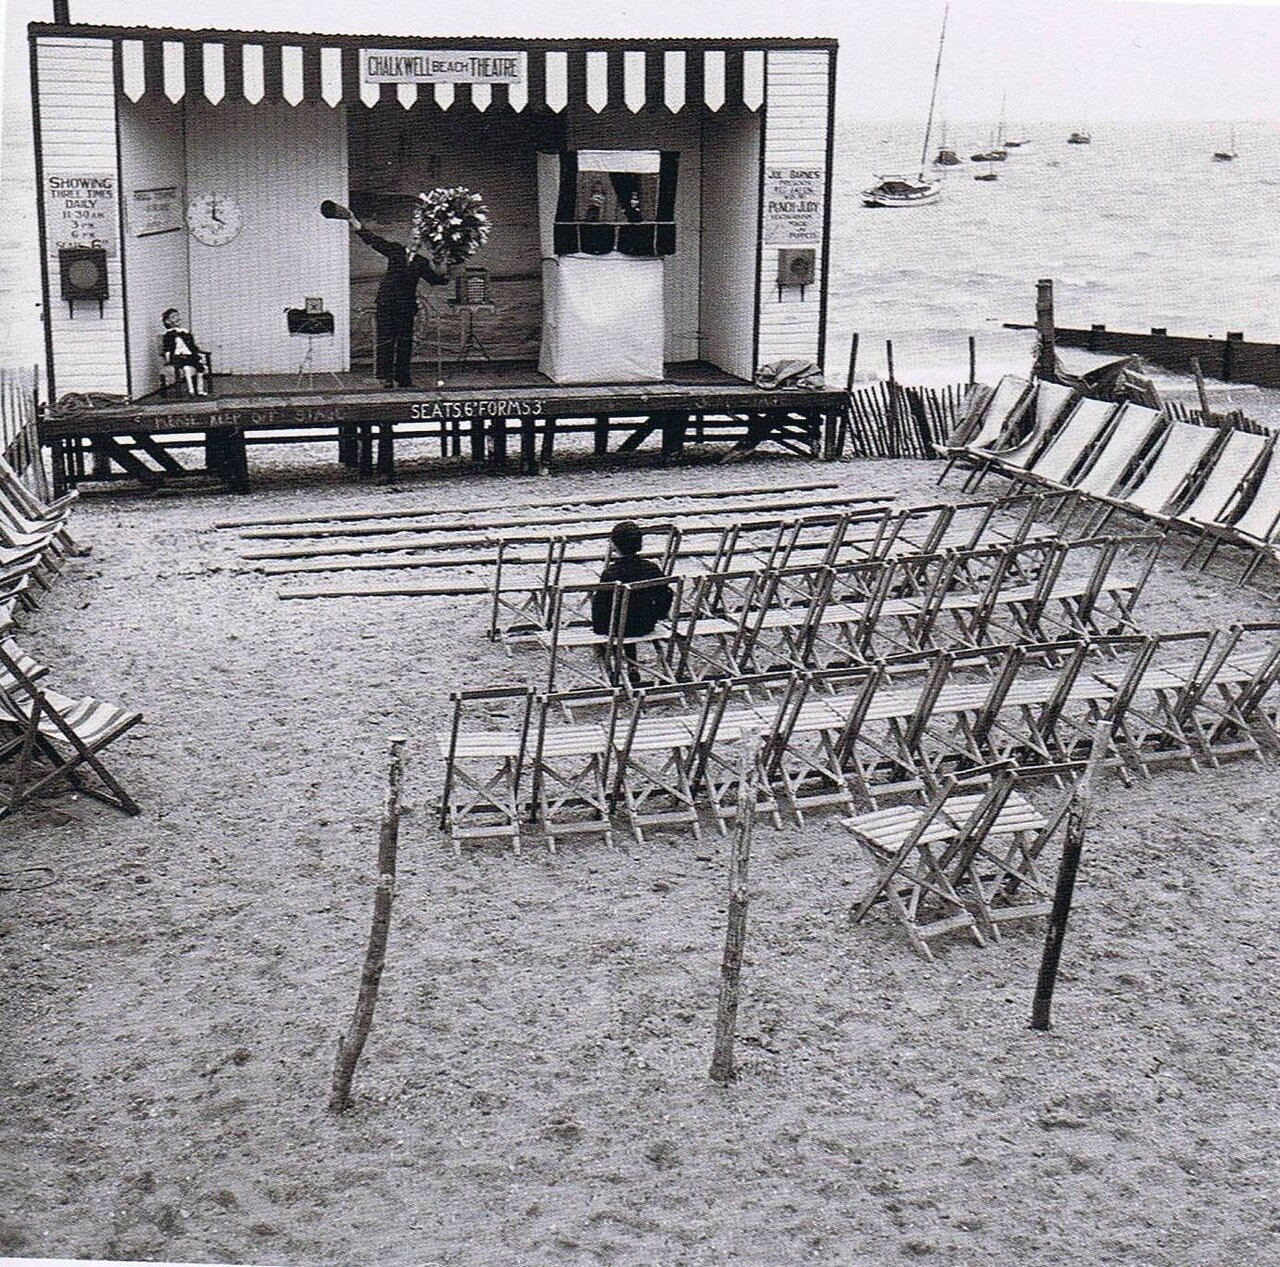 1950. Одинокий и потерянный. Пляж Чалкуэлл